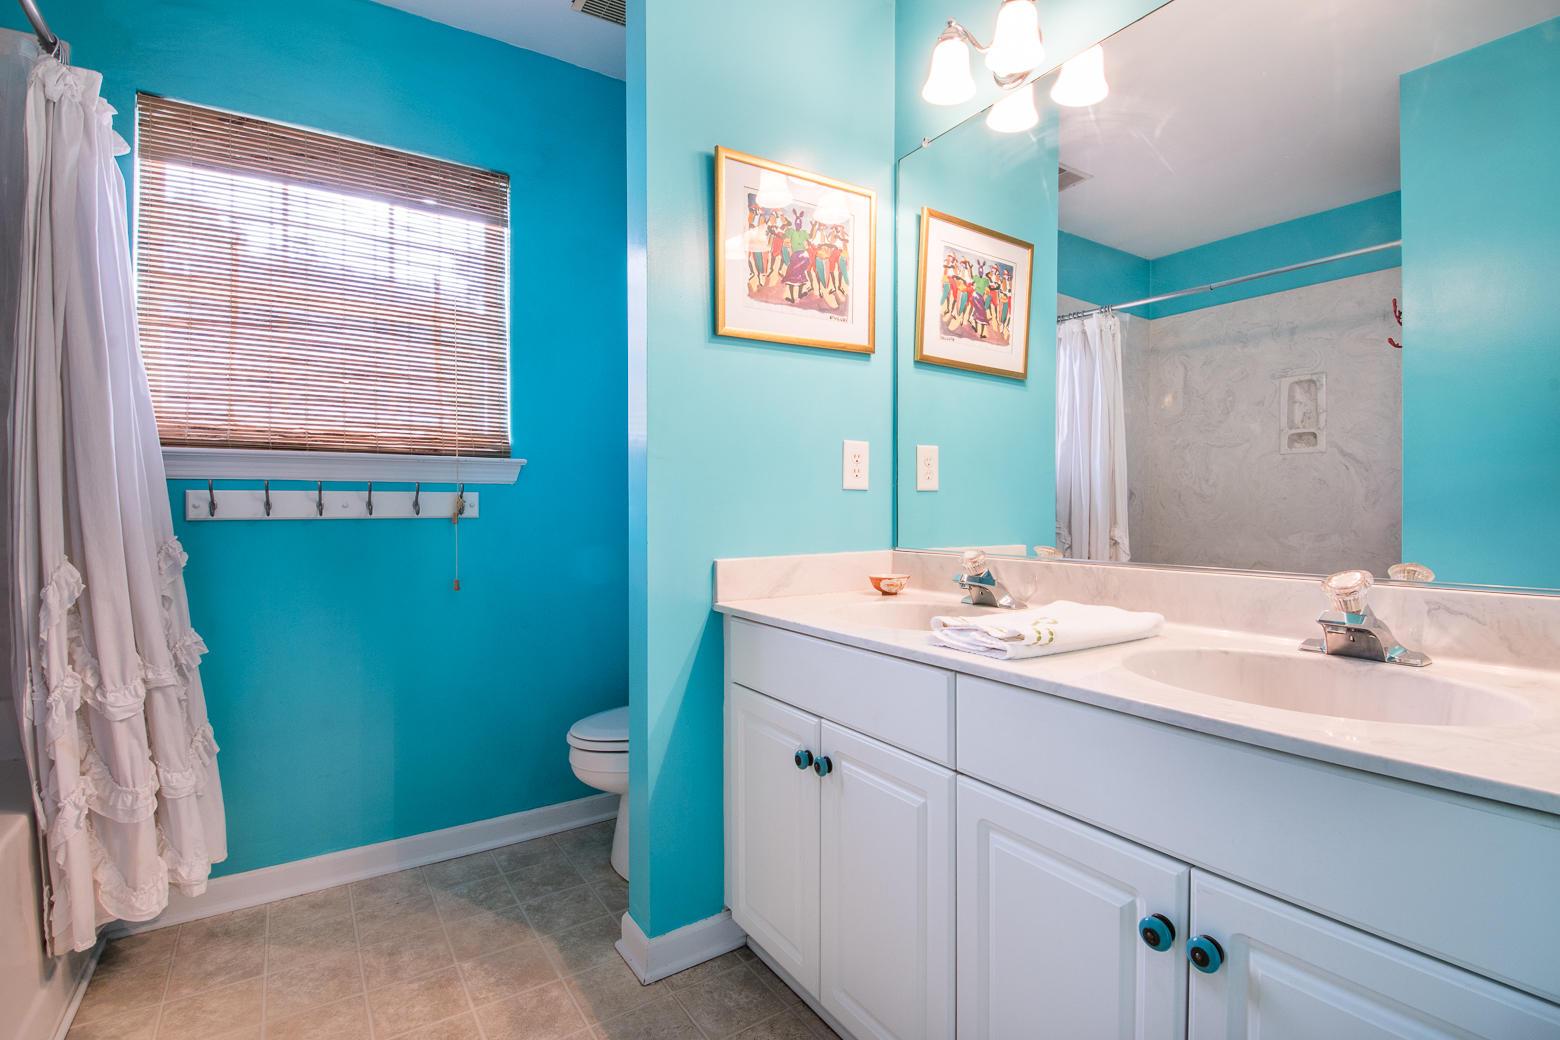 Jamestowne Village Homes For Sale - 1445 Swamp Fox, Charleston, SC - 22